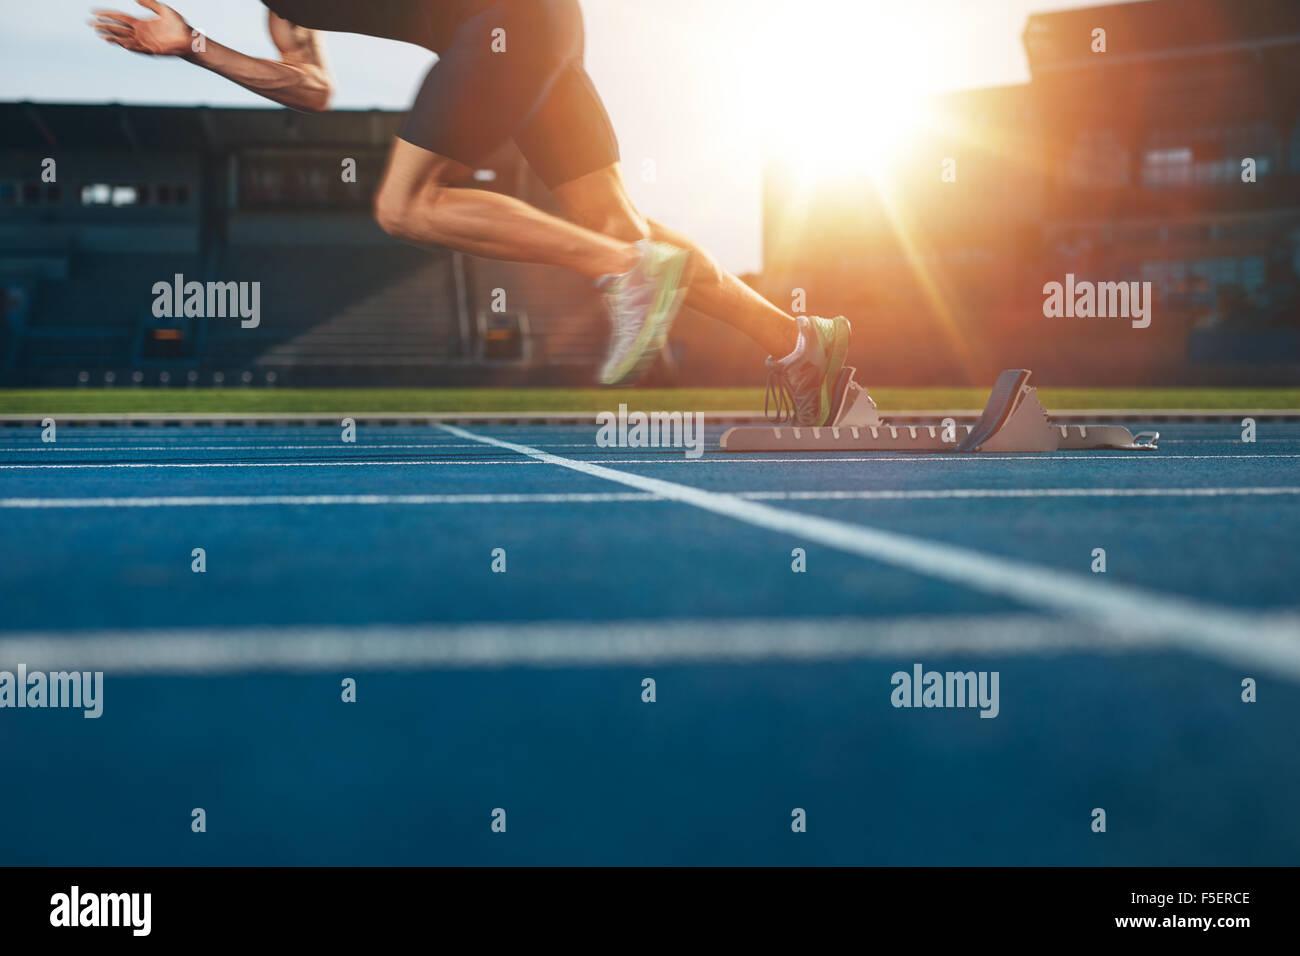 Atleta corriendo en carreras atléticas. Bajo la sección Foto de hombres runner empezando el sprint desde Imagen De Stock